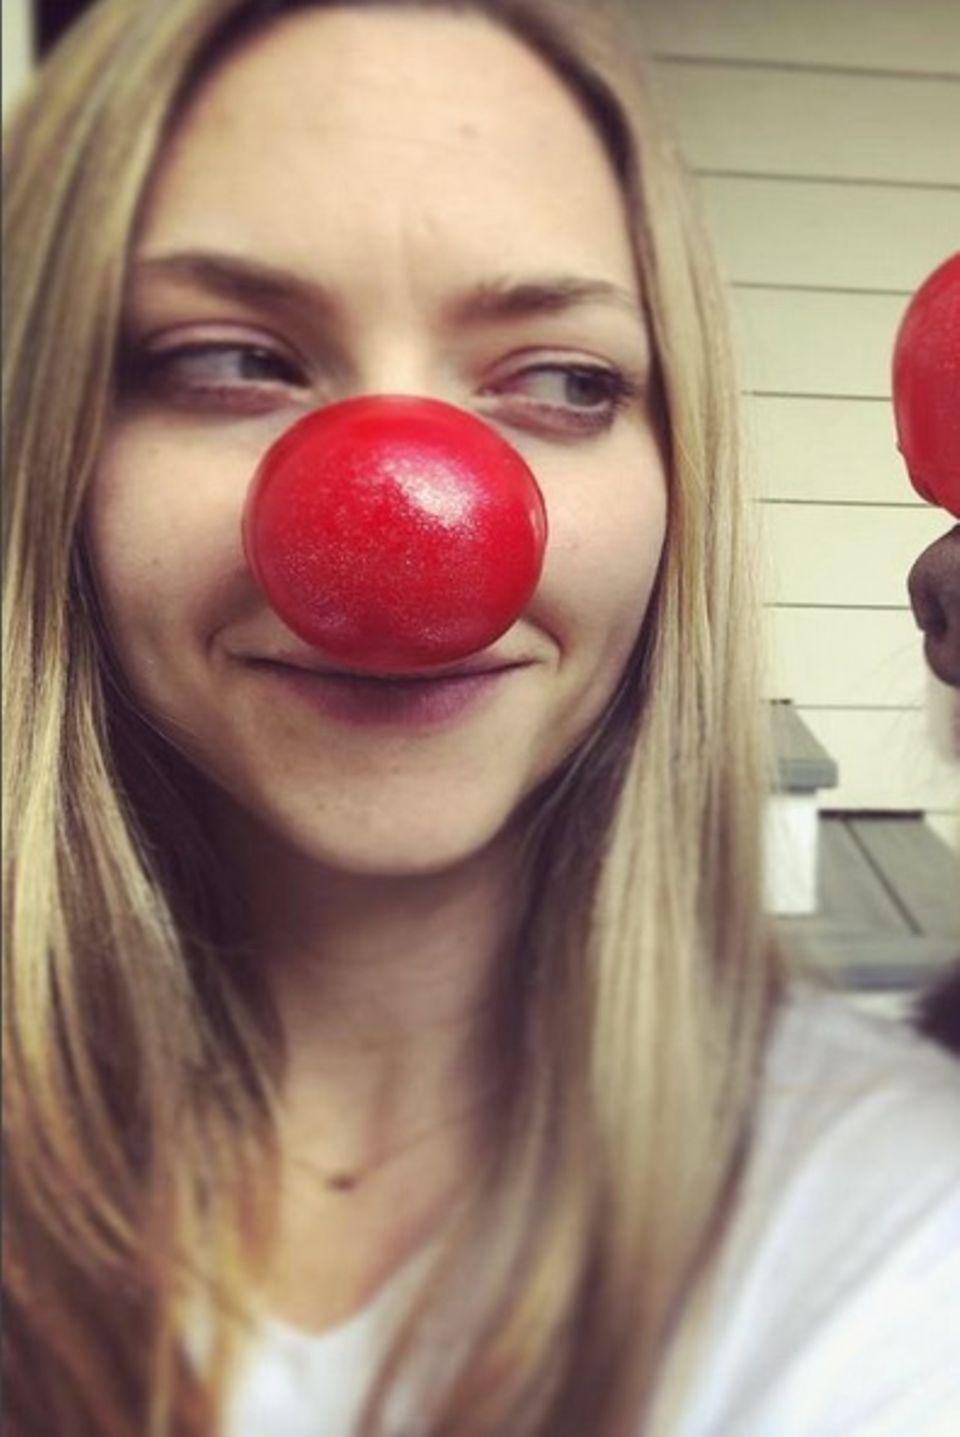 """Rote Nasen zum guten Zweck. Amanda Seyfried und ihr treuer Begleiter Finn posieren anlässlich des amerikanischen """"Rednosedays"""" für ihre Instagram-Fans."""